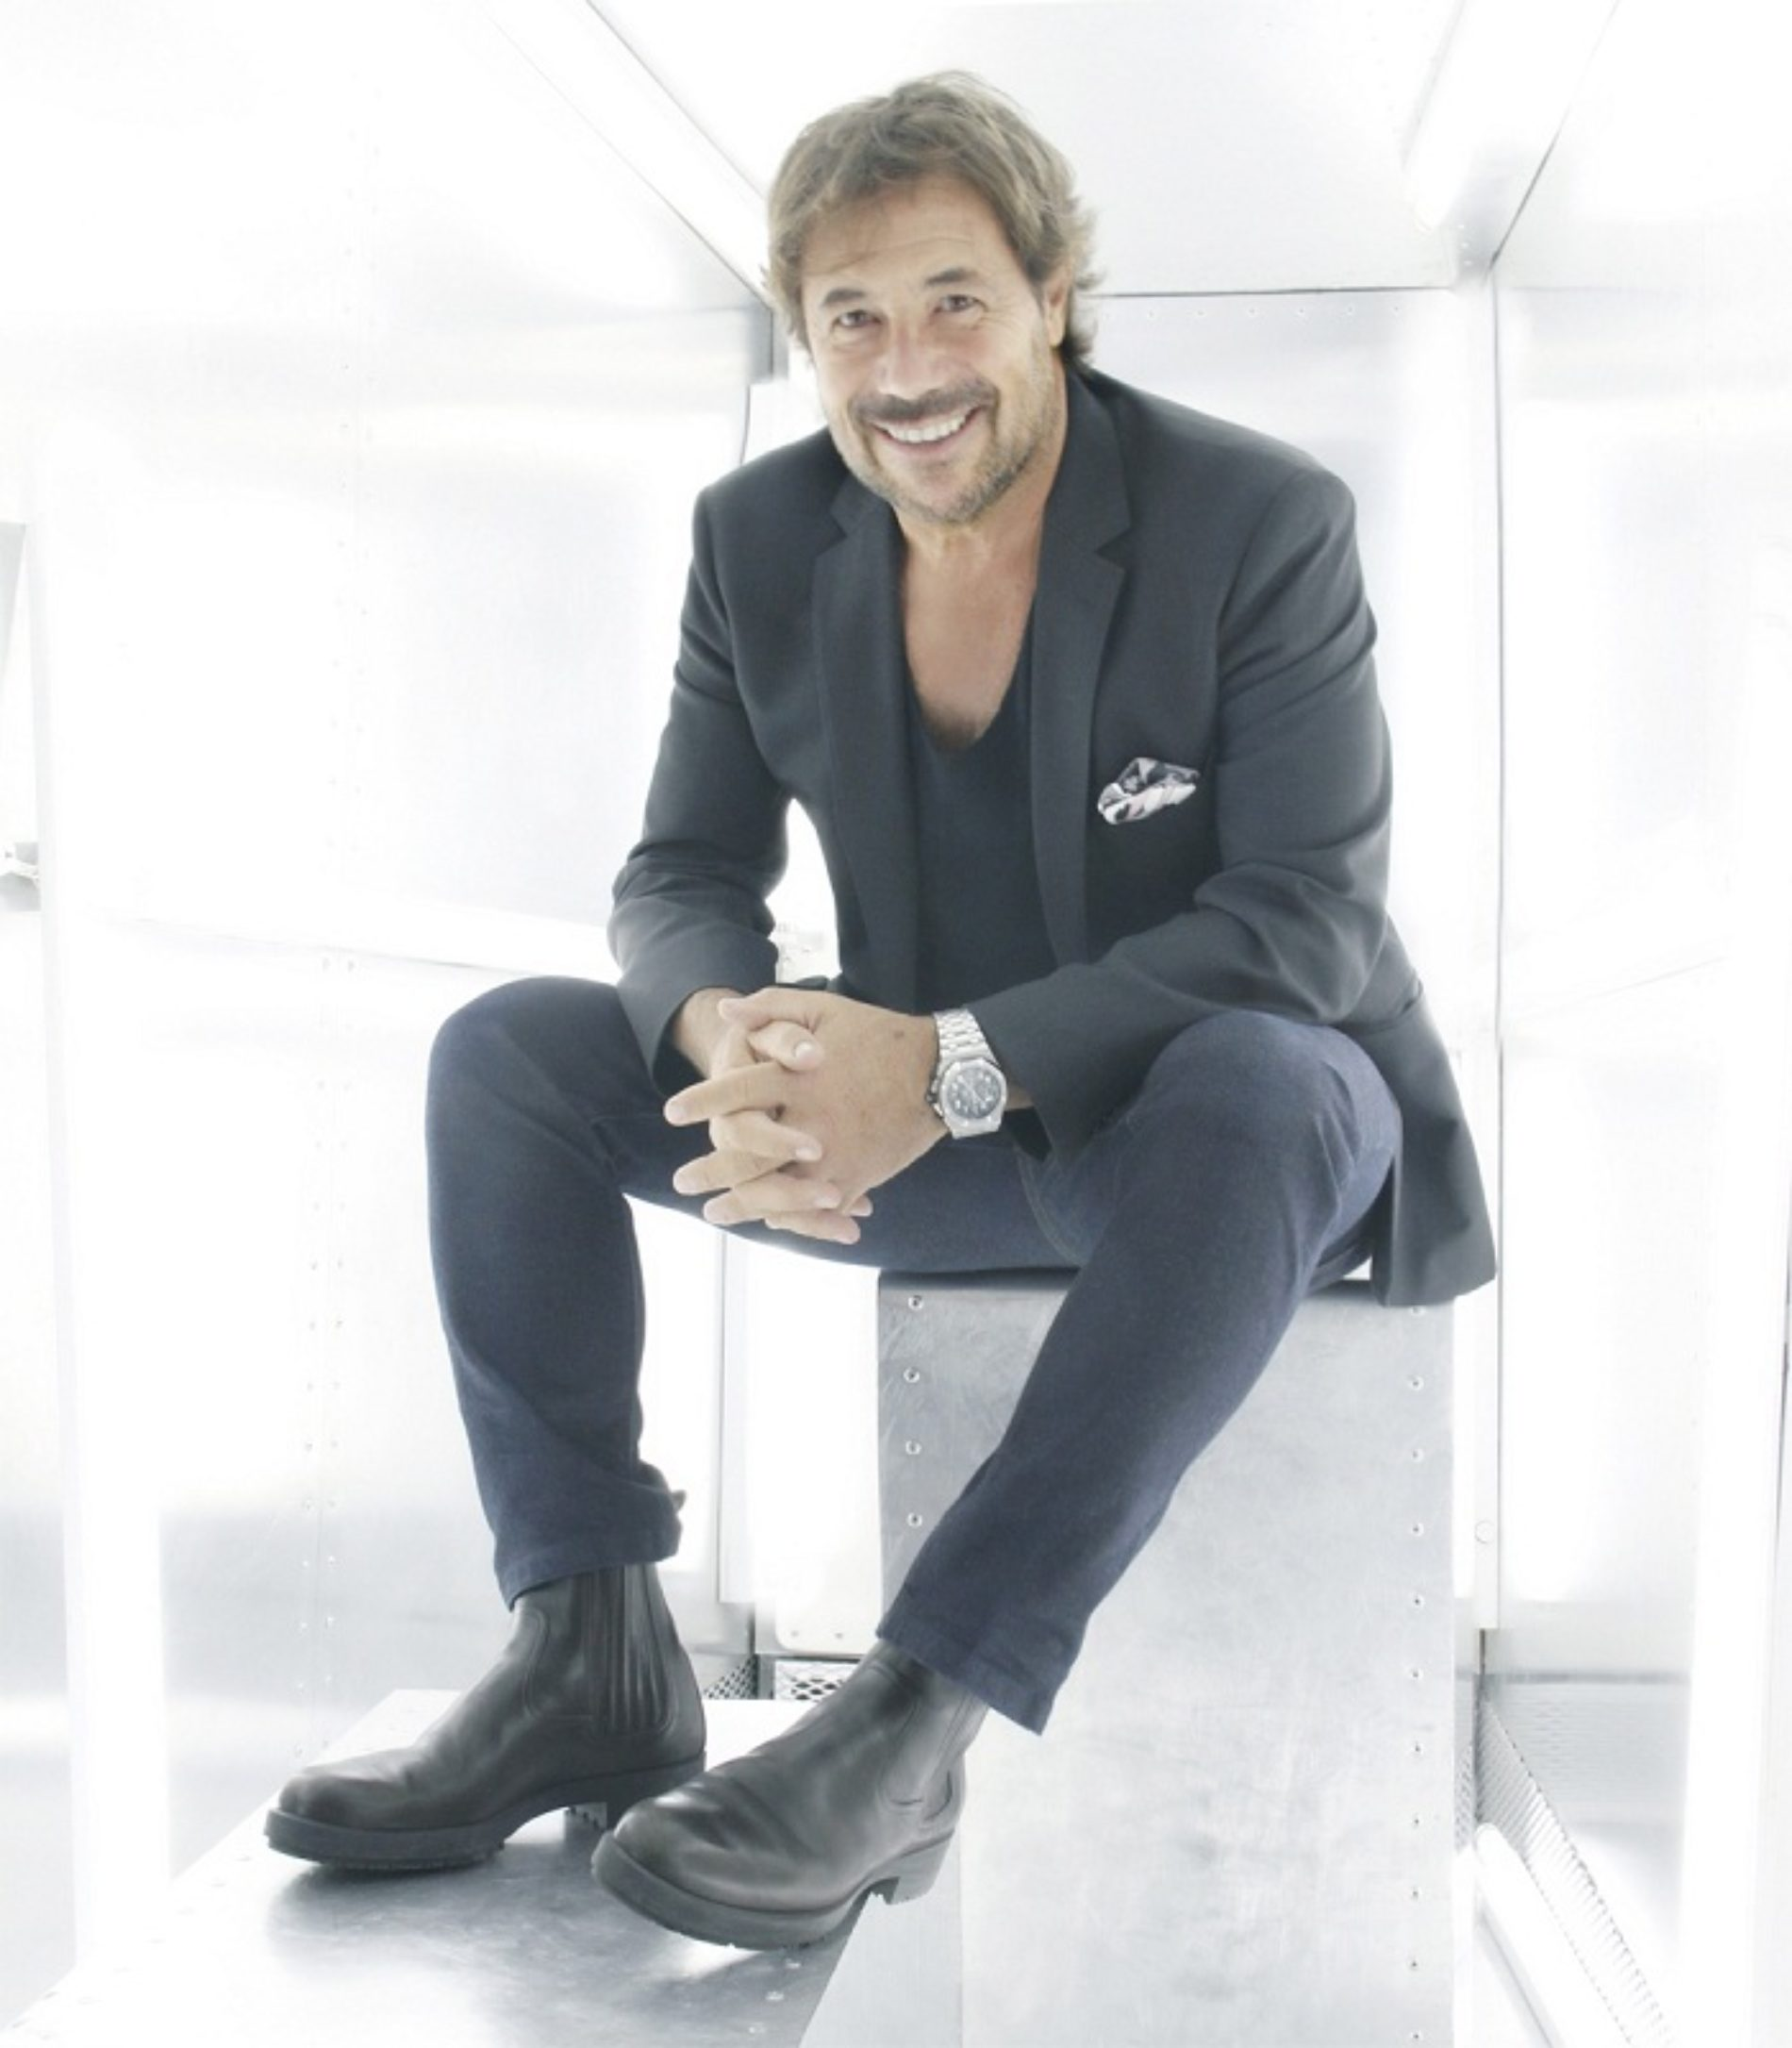 El diseñador argentino Ricky Sarkany, es el invitado internacional del IFLS+EICI